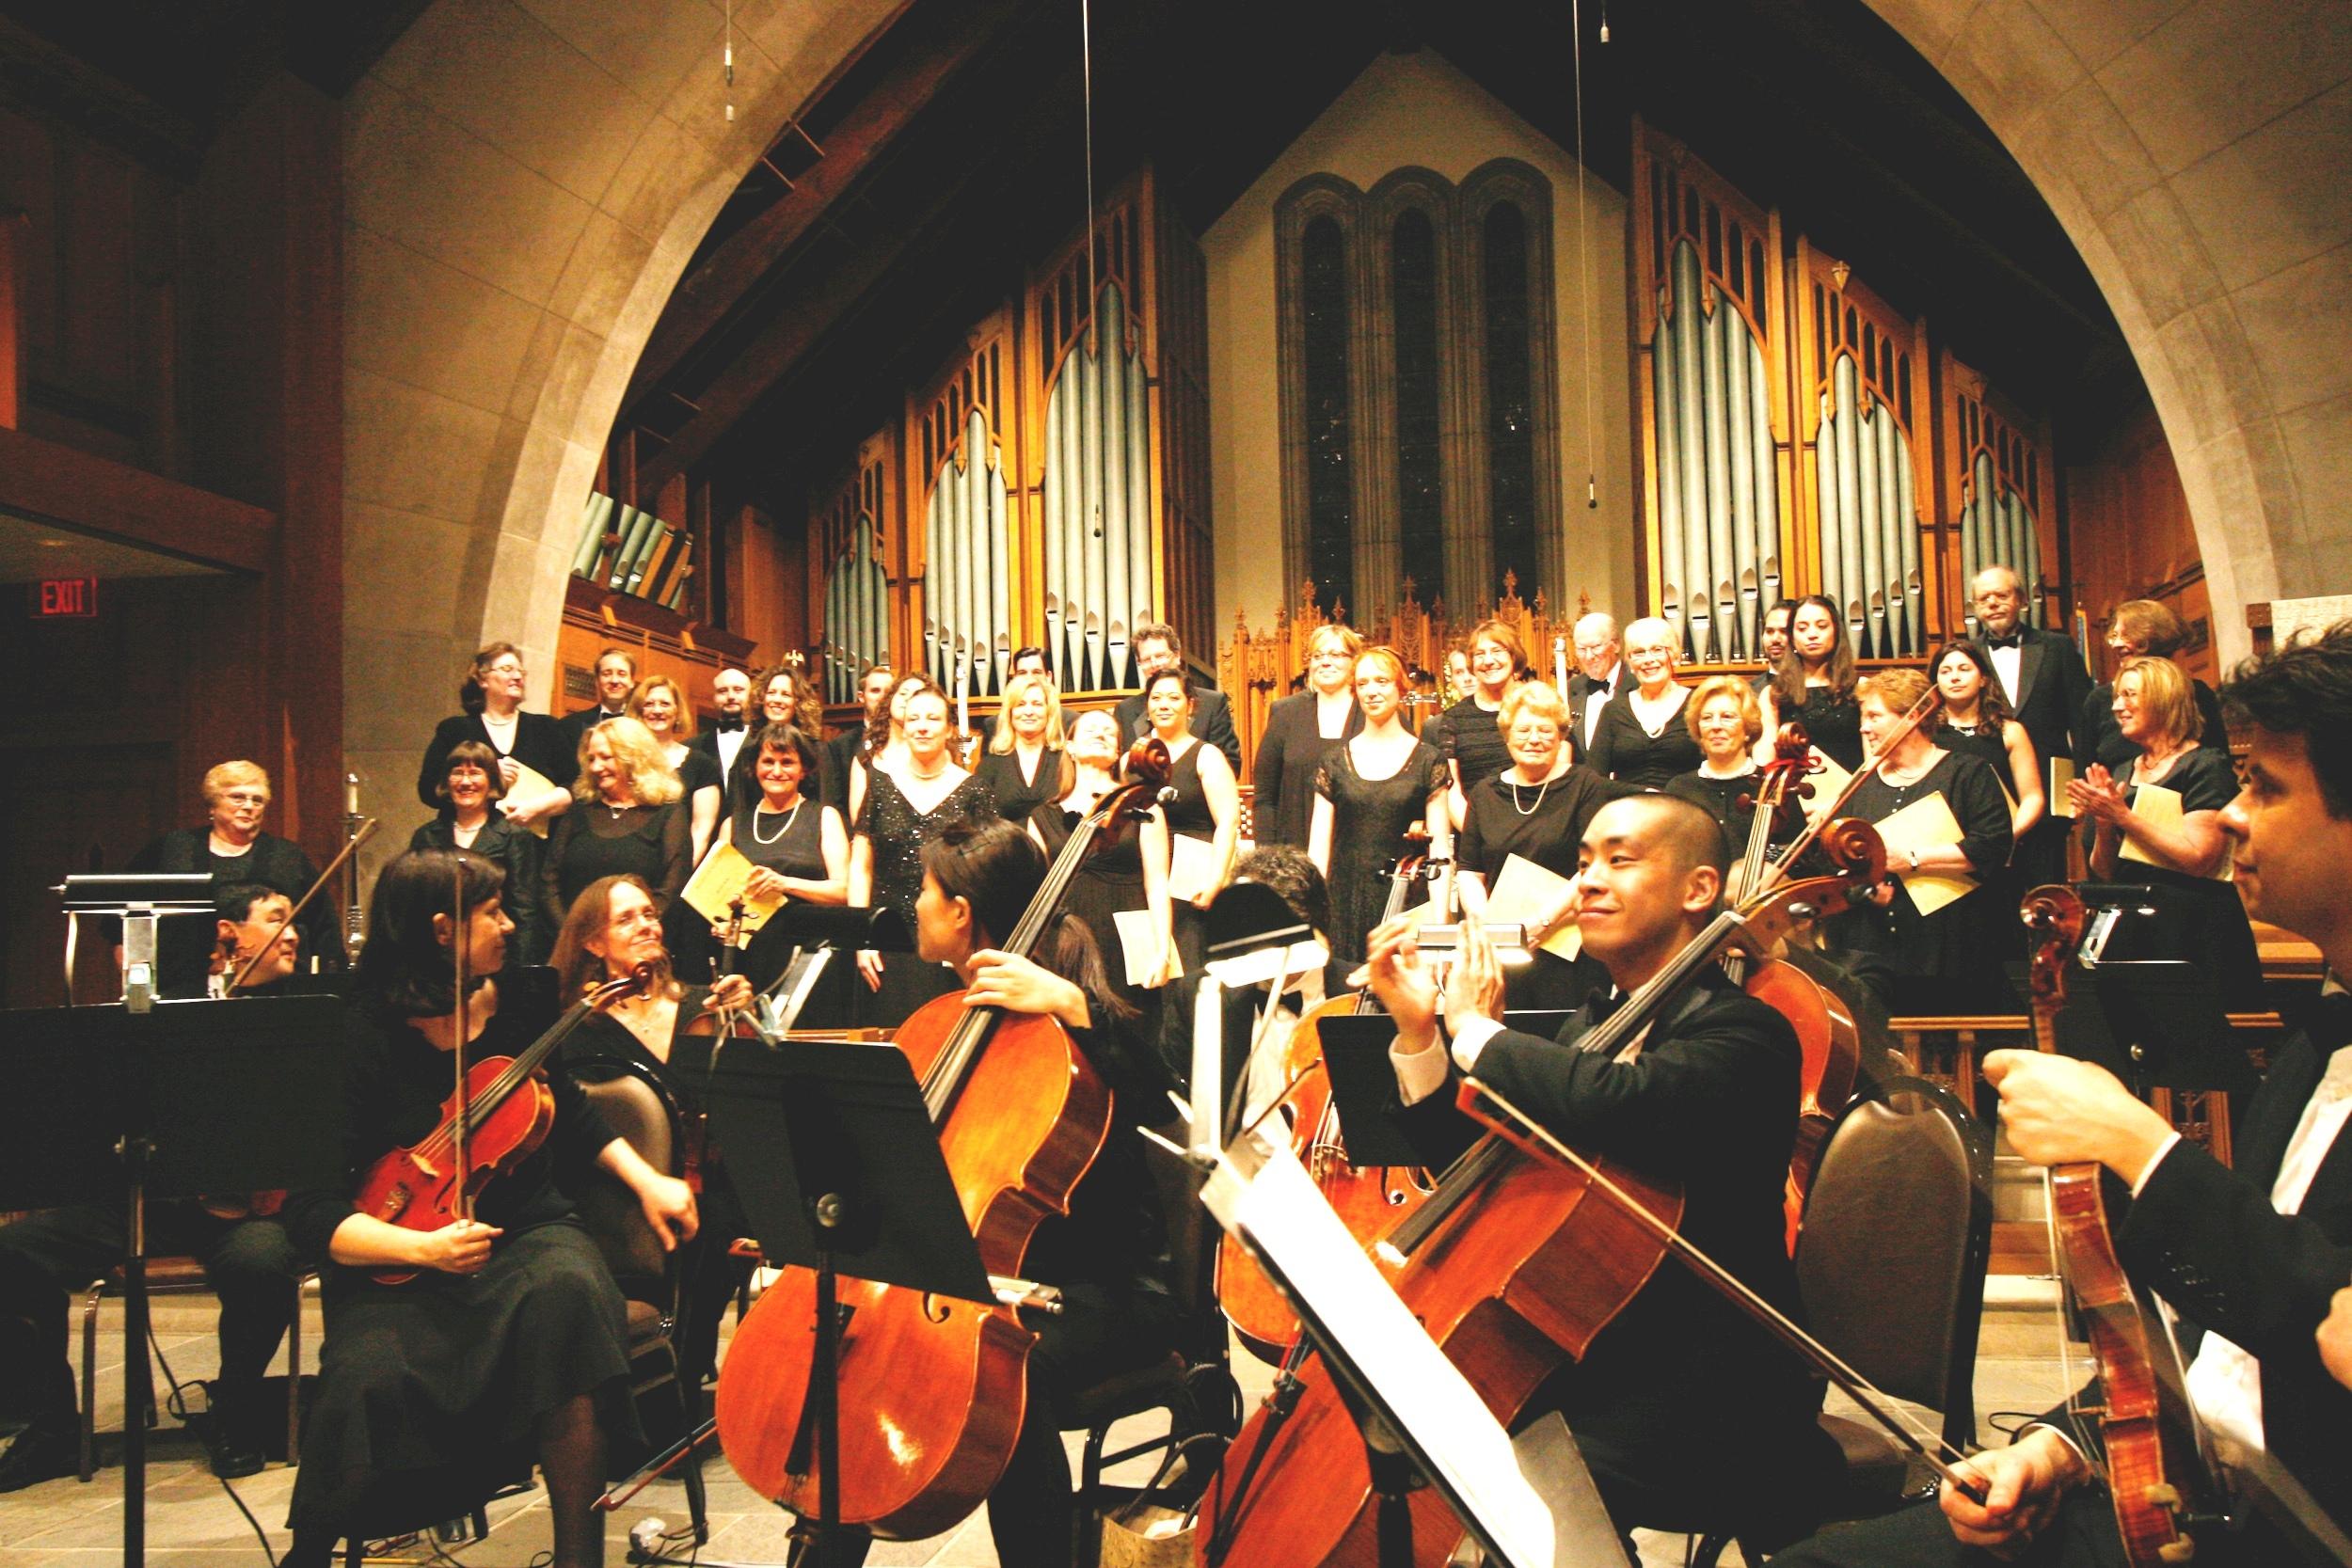 dfed6e97e7eafcf50de0_st._paul_s_spring_concert_2011_w_nj_symphony_players_1_.jpg